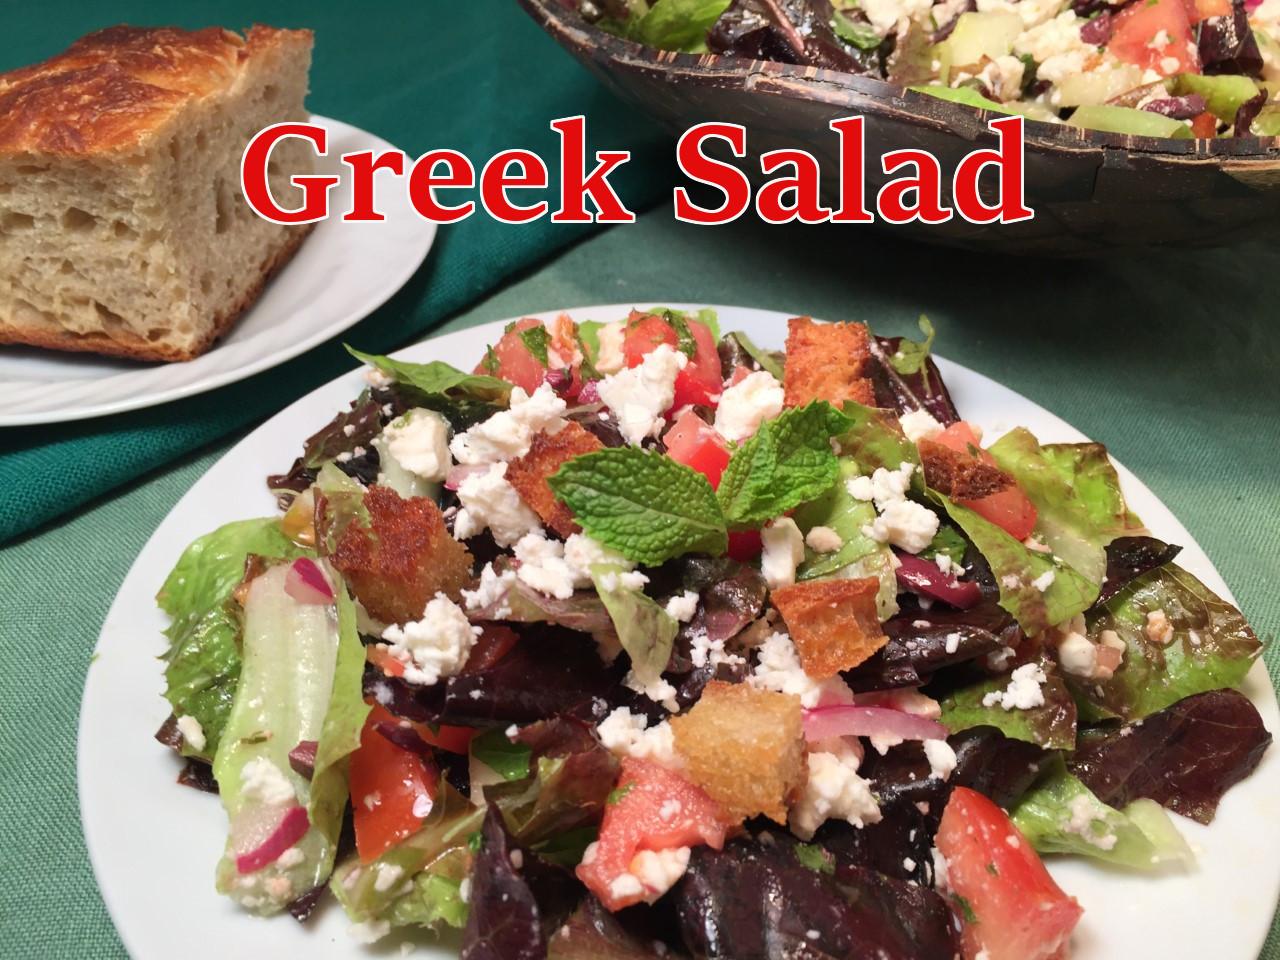 greek salad text